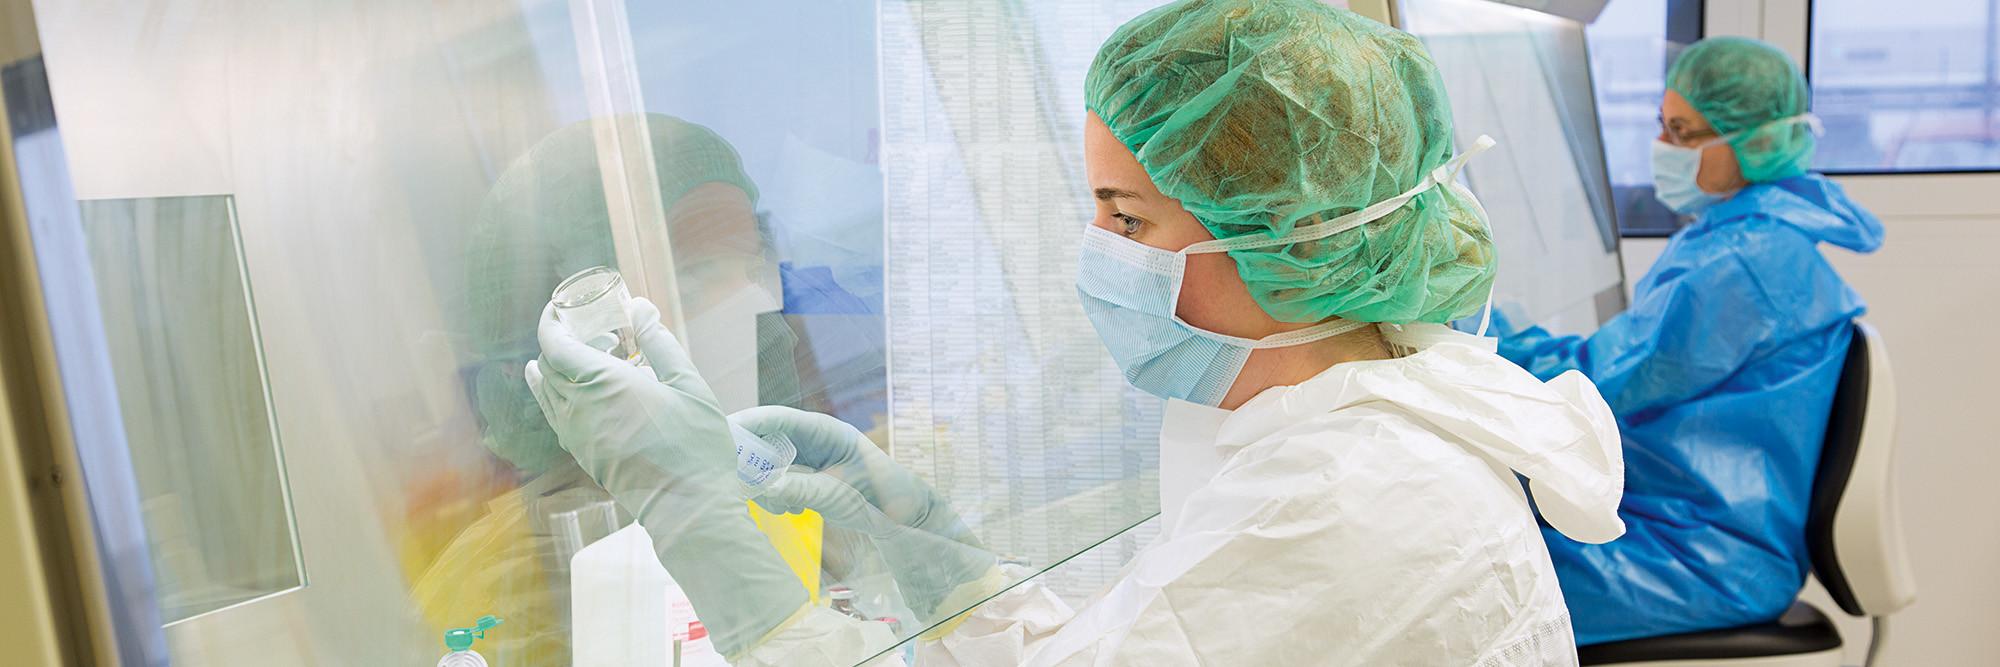 Mitarbeiter der Apotheke bei der sterilen Zytostatikaherstellung.